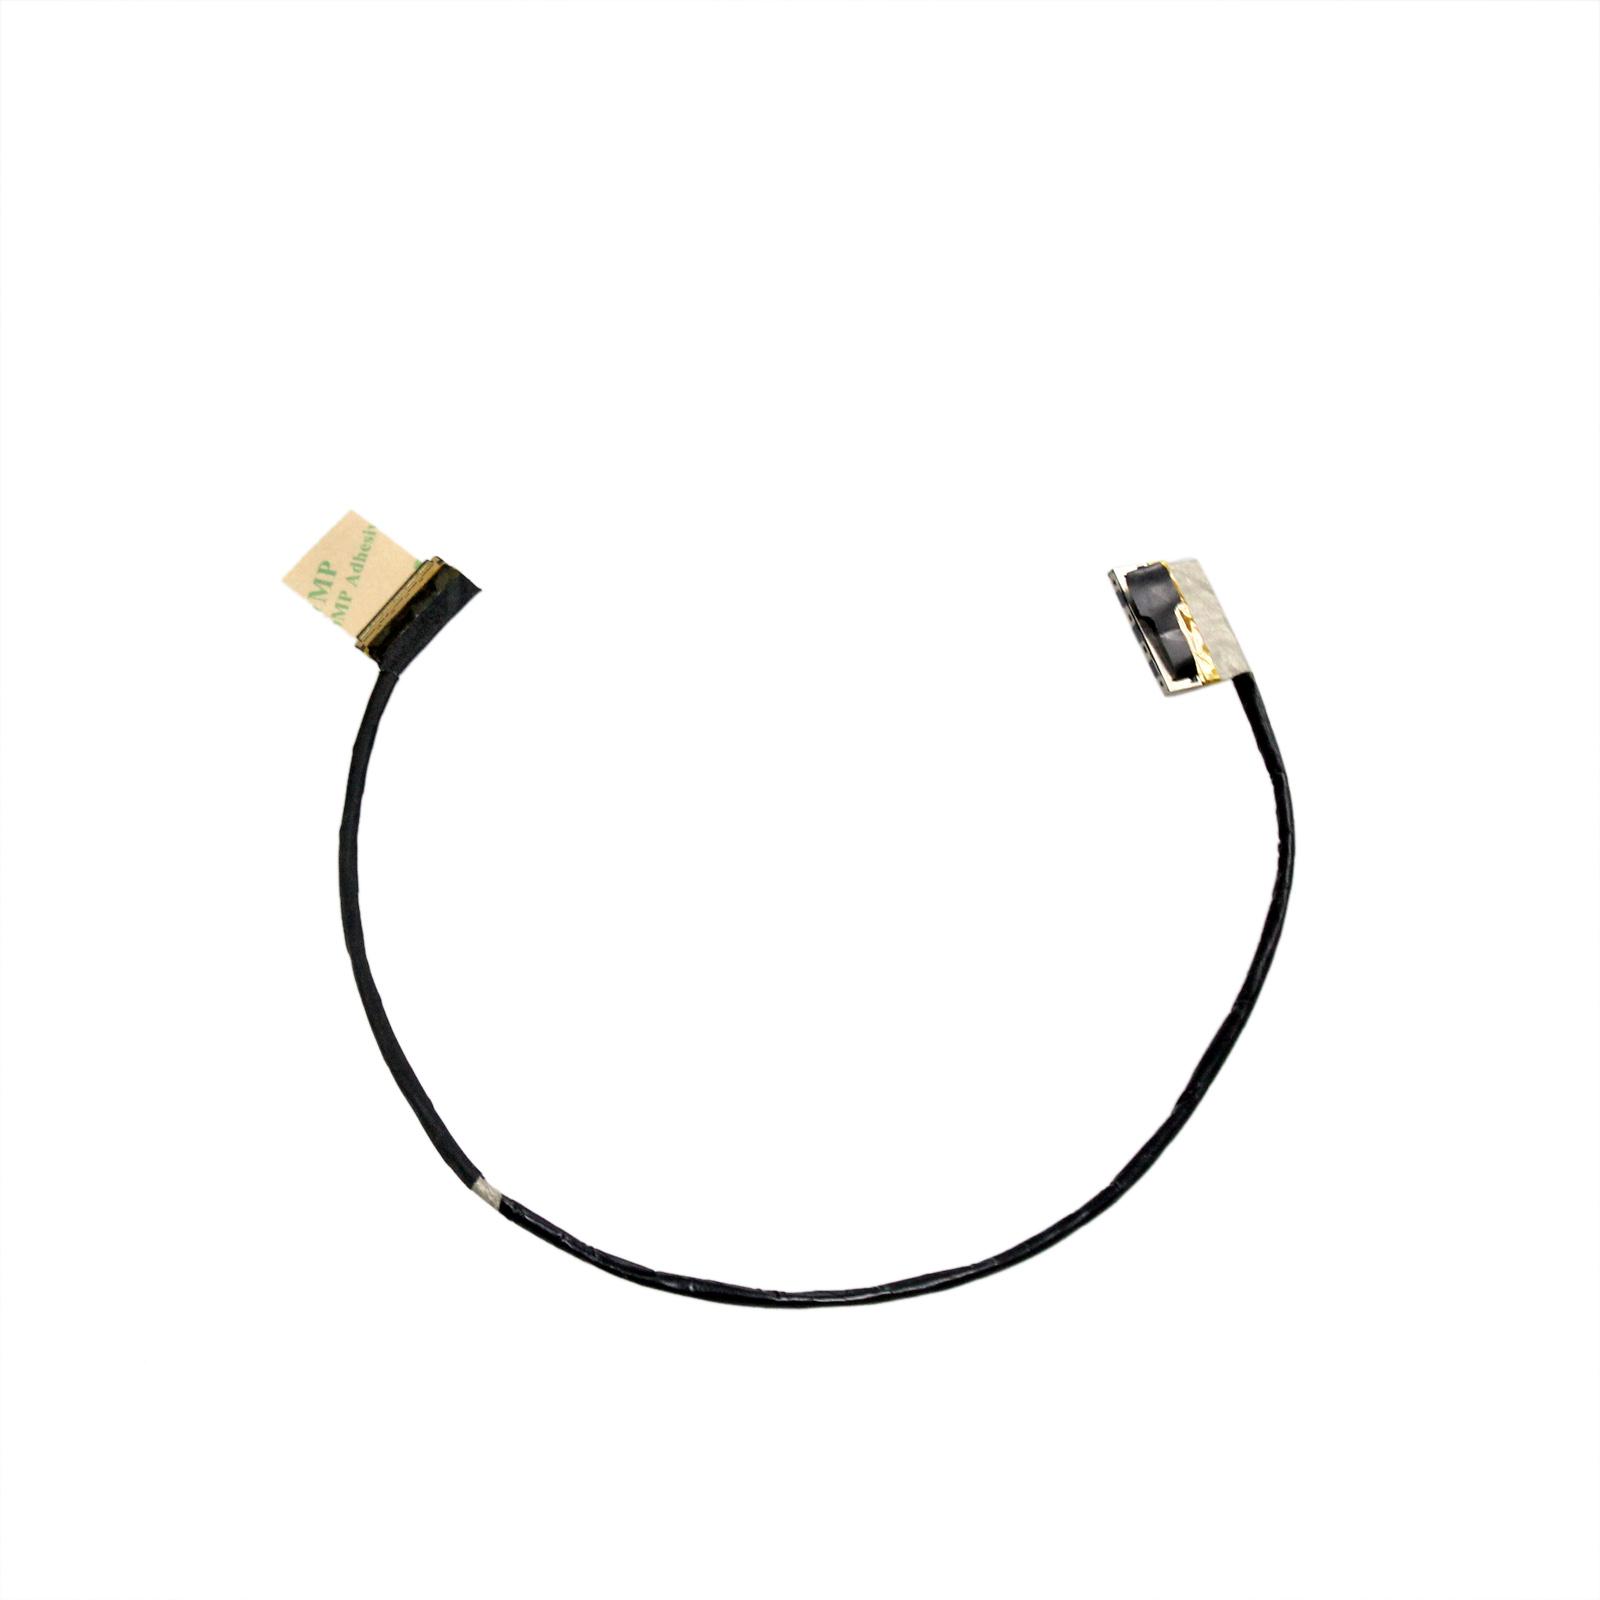 For Asus Q502 Q502L Q502LA N542 N542LA series LCD Video Cable DD0BK1LC003 US